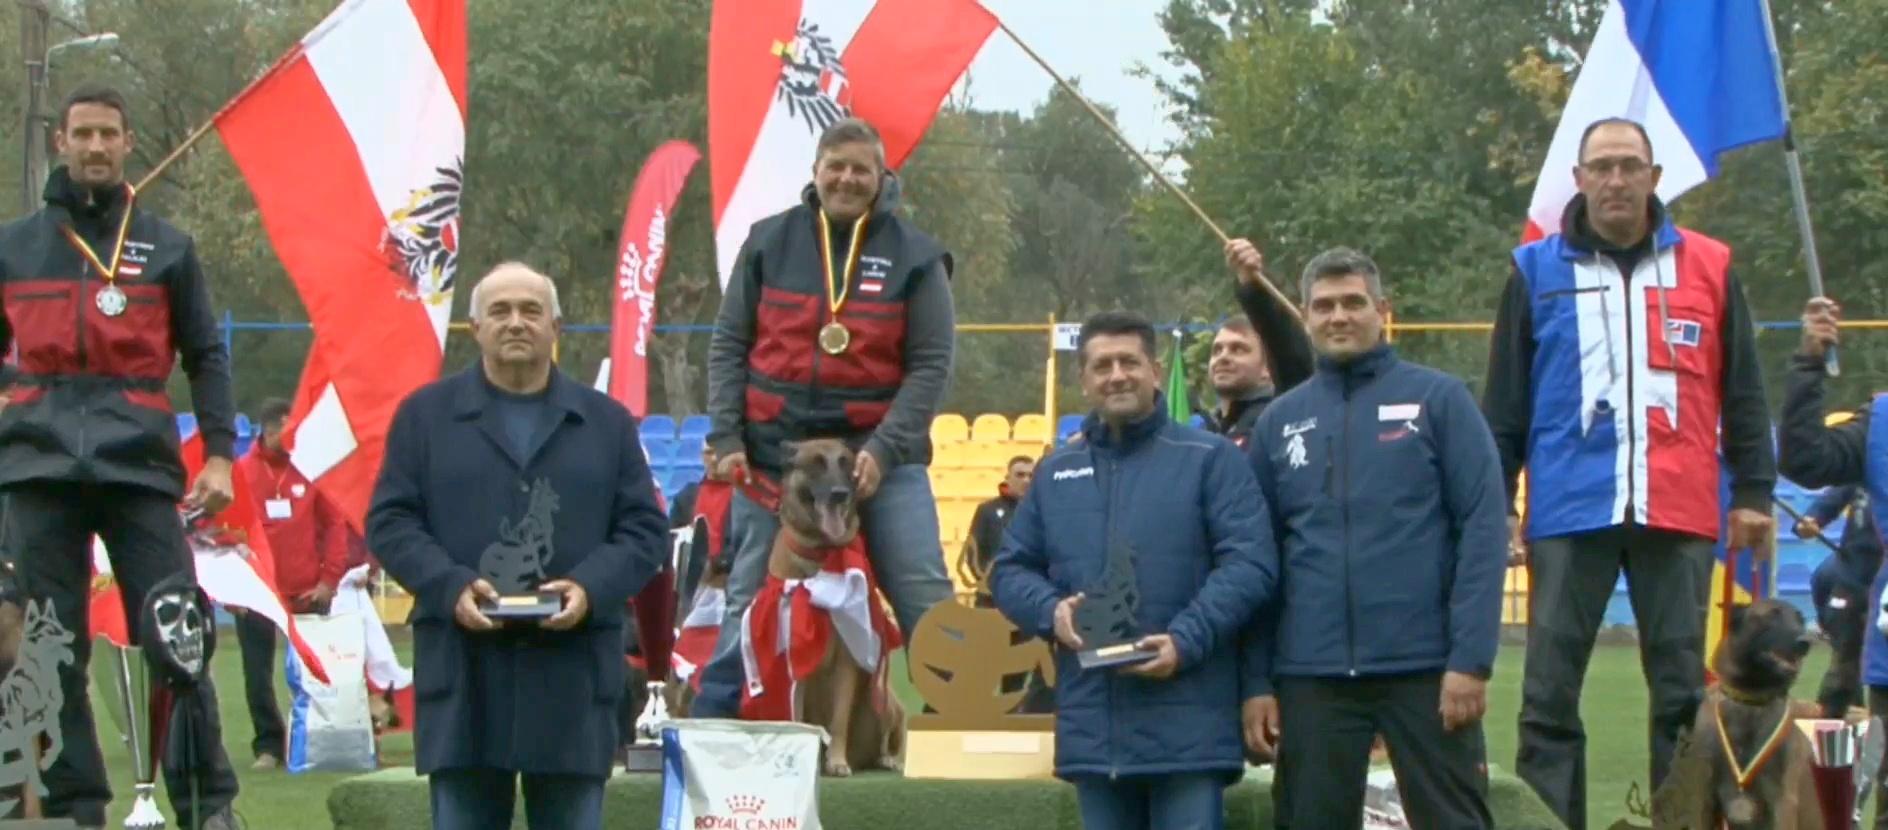 Dresoare austriacă a câștigat Campionatul Mondial de Mondioring